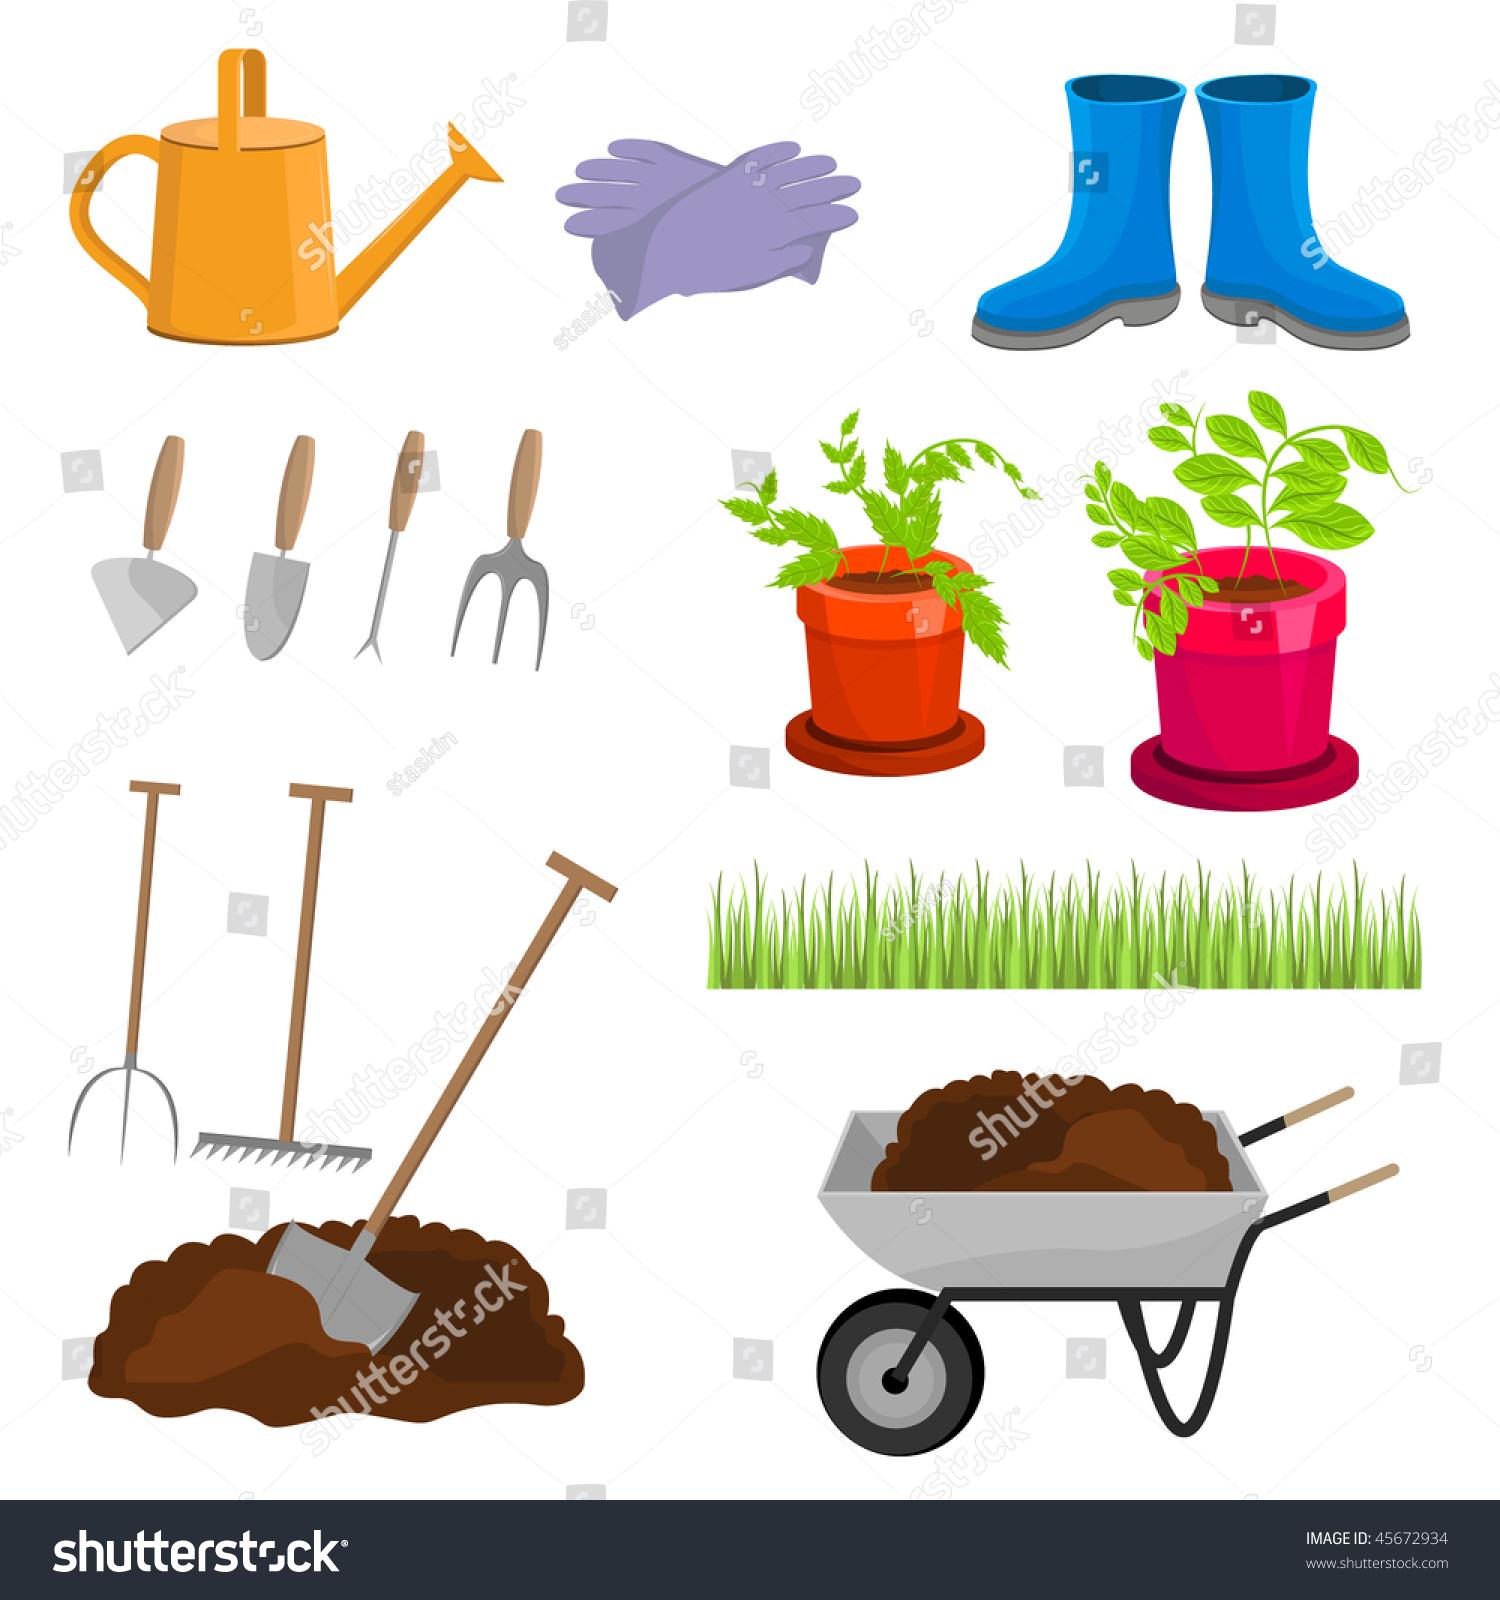 Garden tools vector illustration 45672934 shutterstock for Gardening tools vector